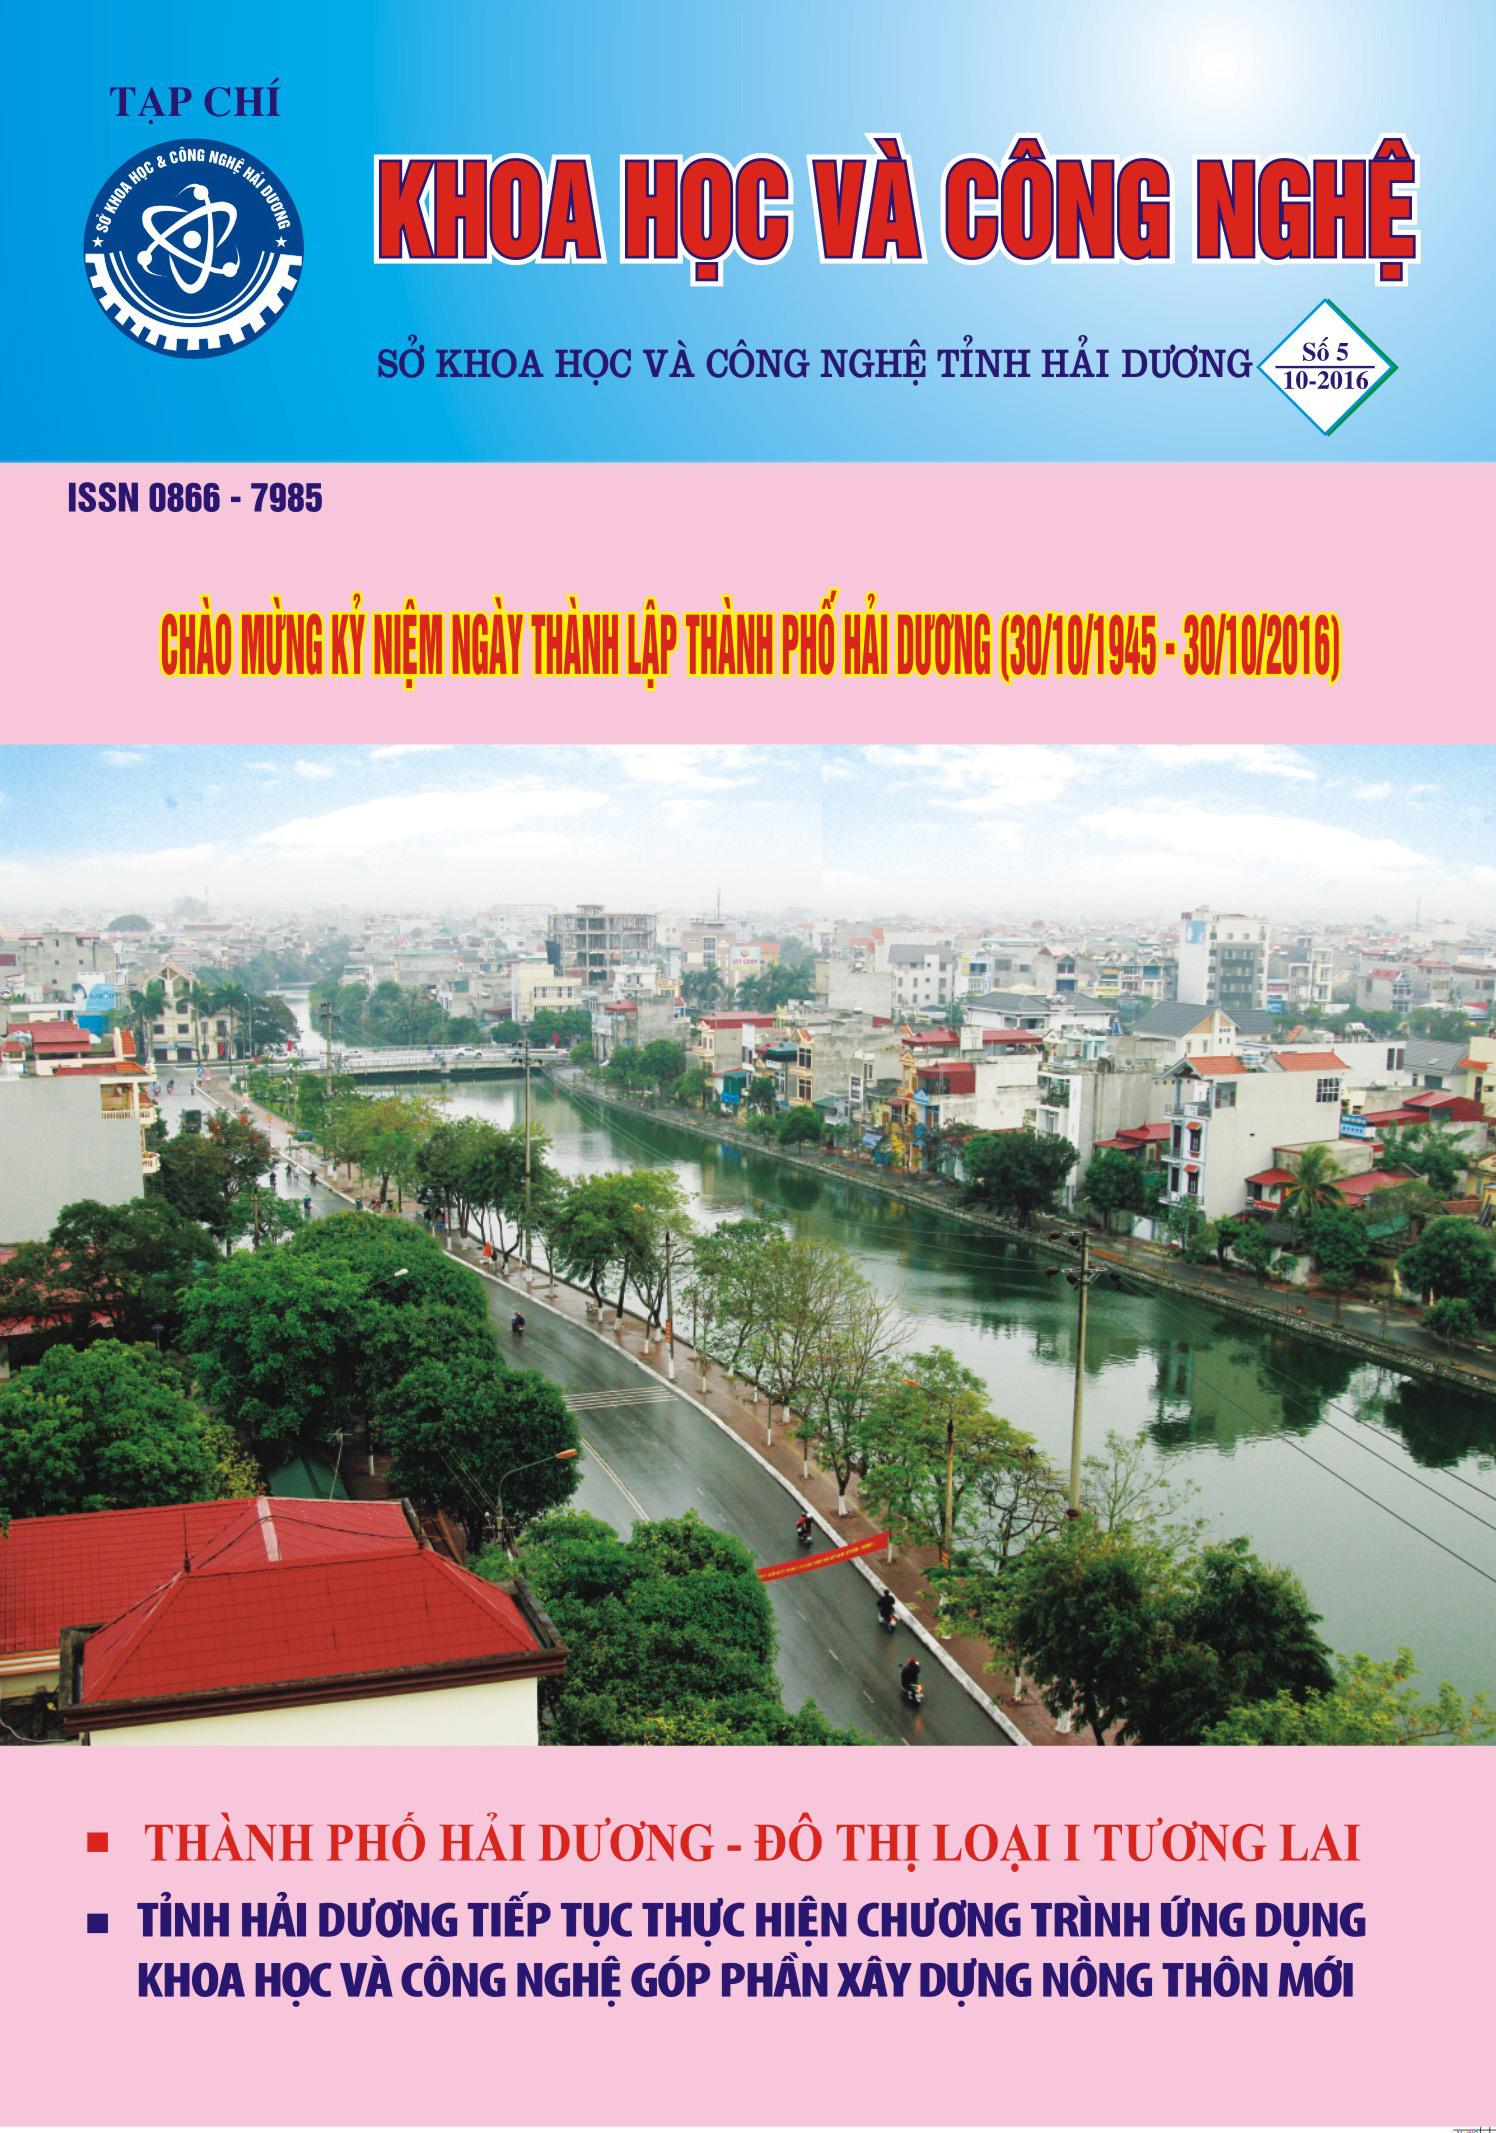 Tạp chí số 5 - 2016